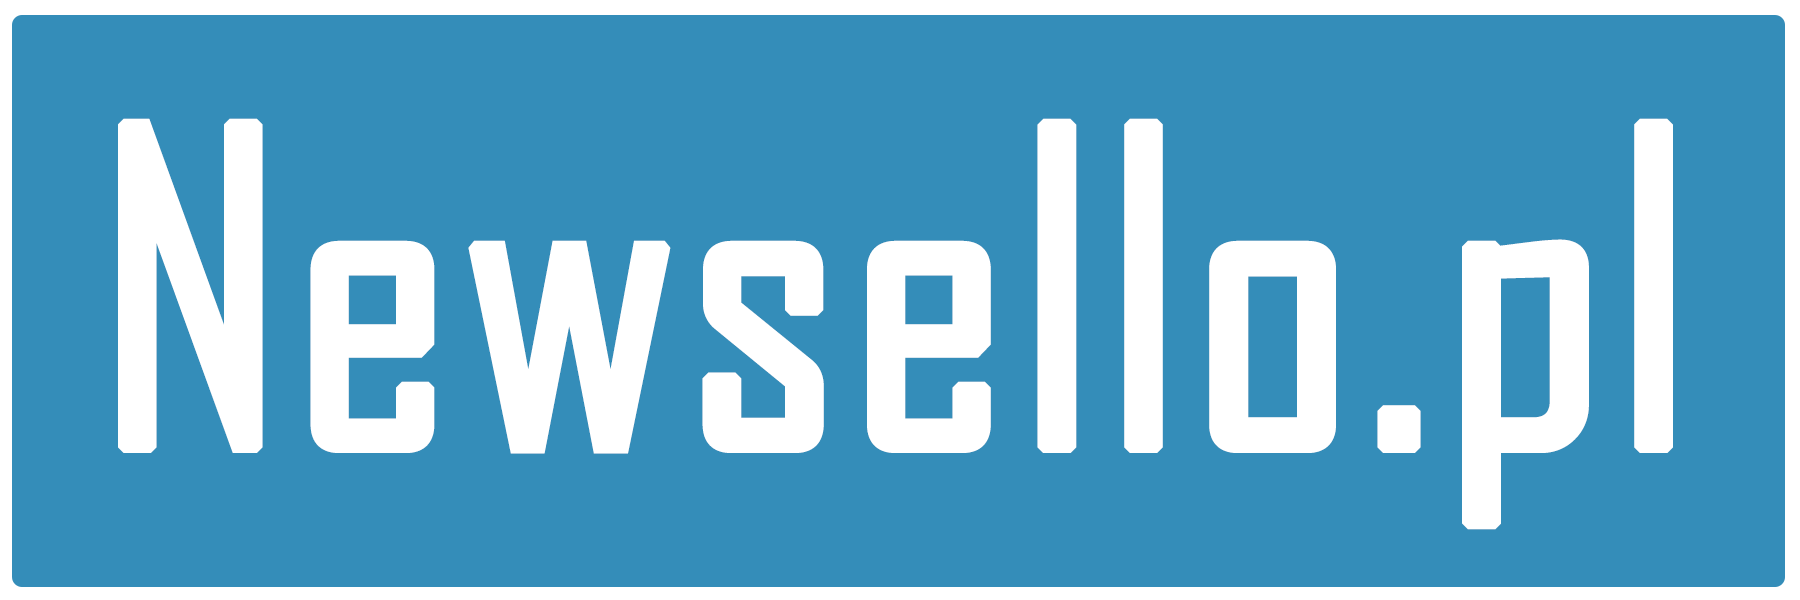 logo newsello.pl